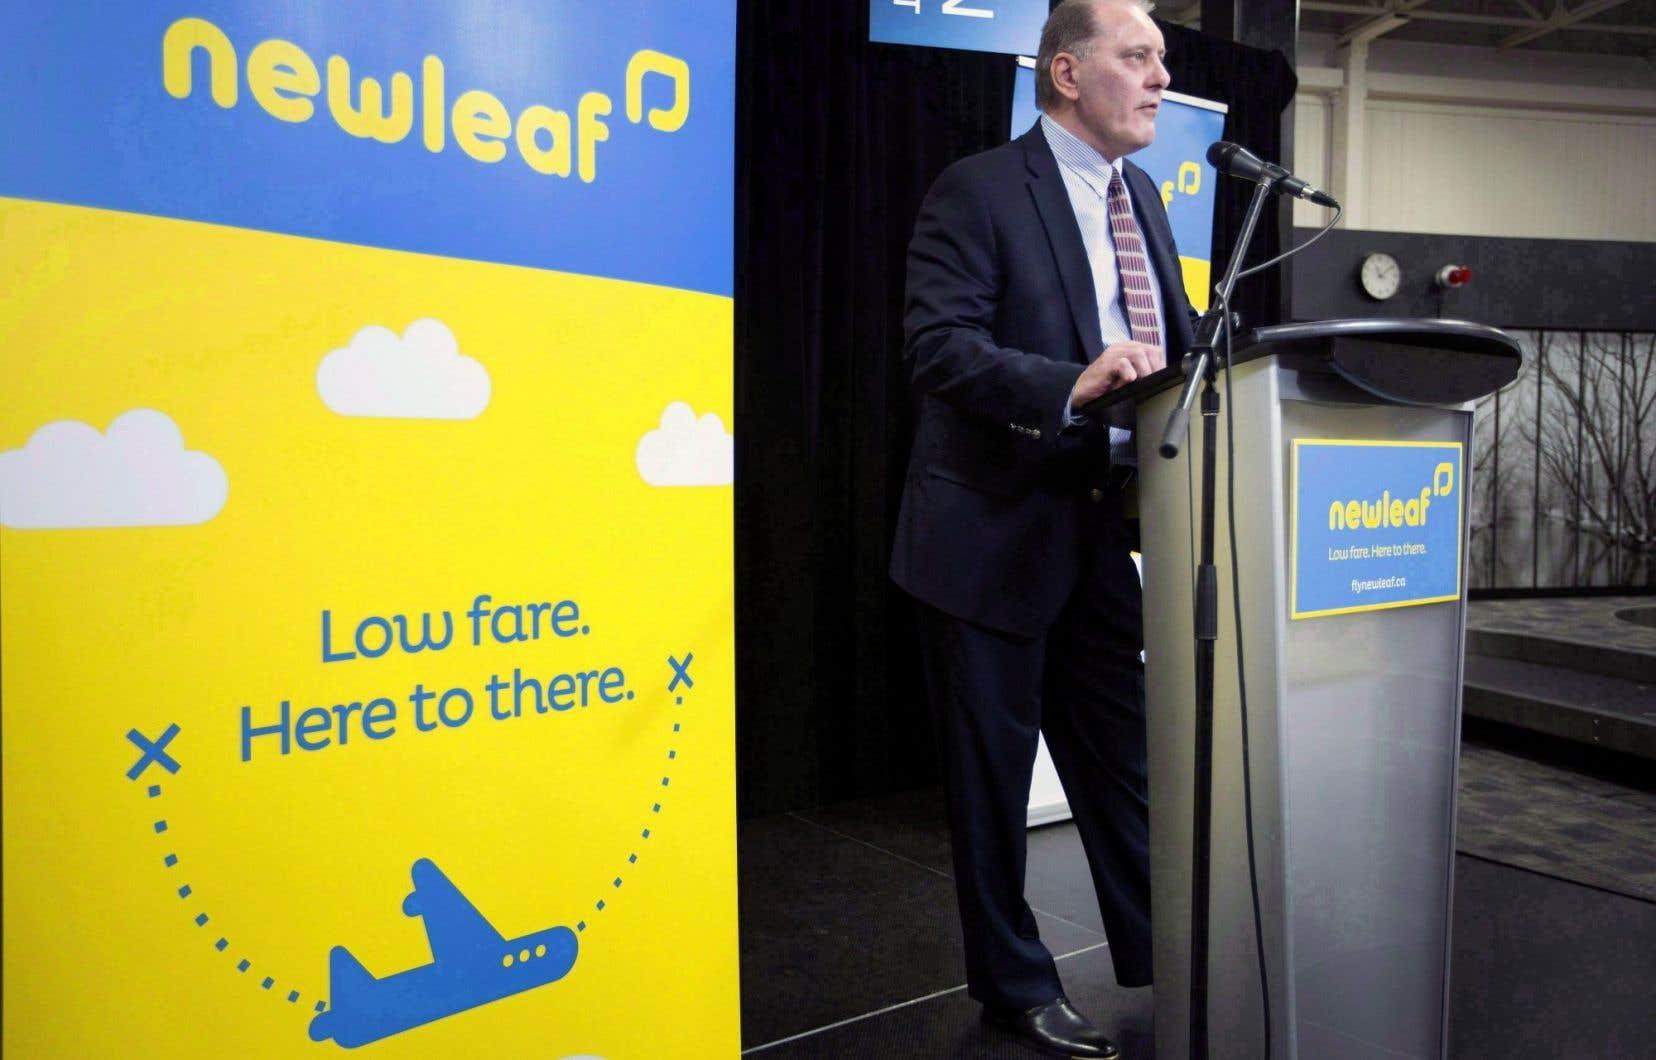 «Nous souhaitons attirer les Canadiens qui ne voyagent pas du tout pour l'instant, puisque les prix des billets sont trop chers», explique le directeur commercial de NewLeaf, Dean Dacko.